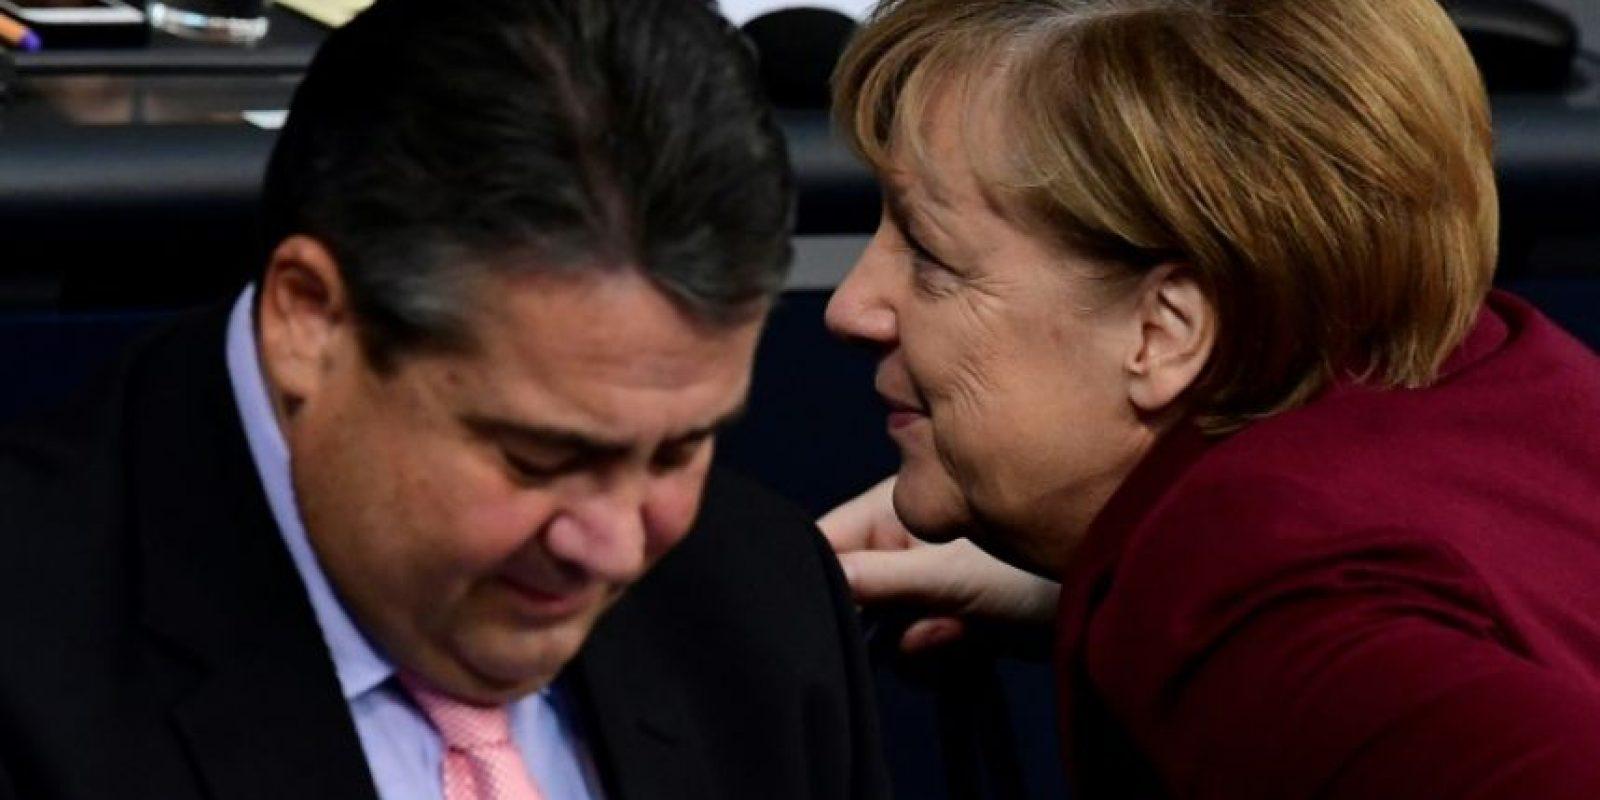 La canciller alemana, Angela Merkel, y el vicecanciller y ministro de Economía, Sigmar Gabriel, en una sesión en la cámara baja, en Berlín, el 24 de noviembre de 2016 Foto:Tobias Schwarz/afp.com